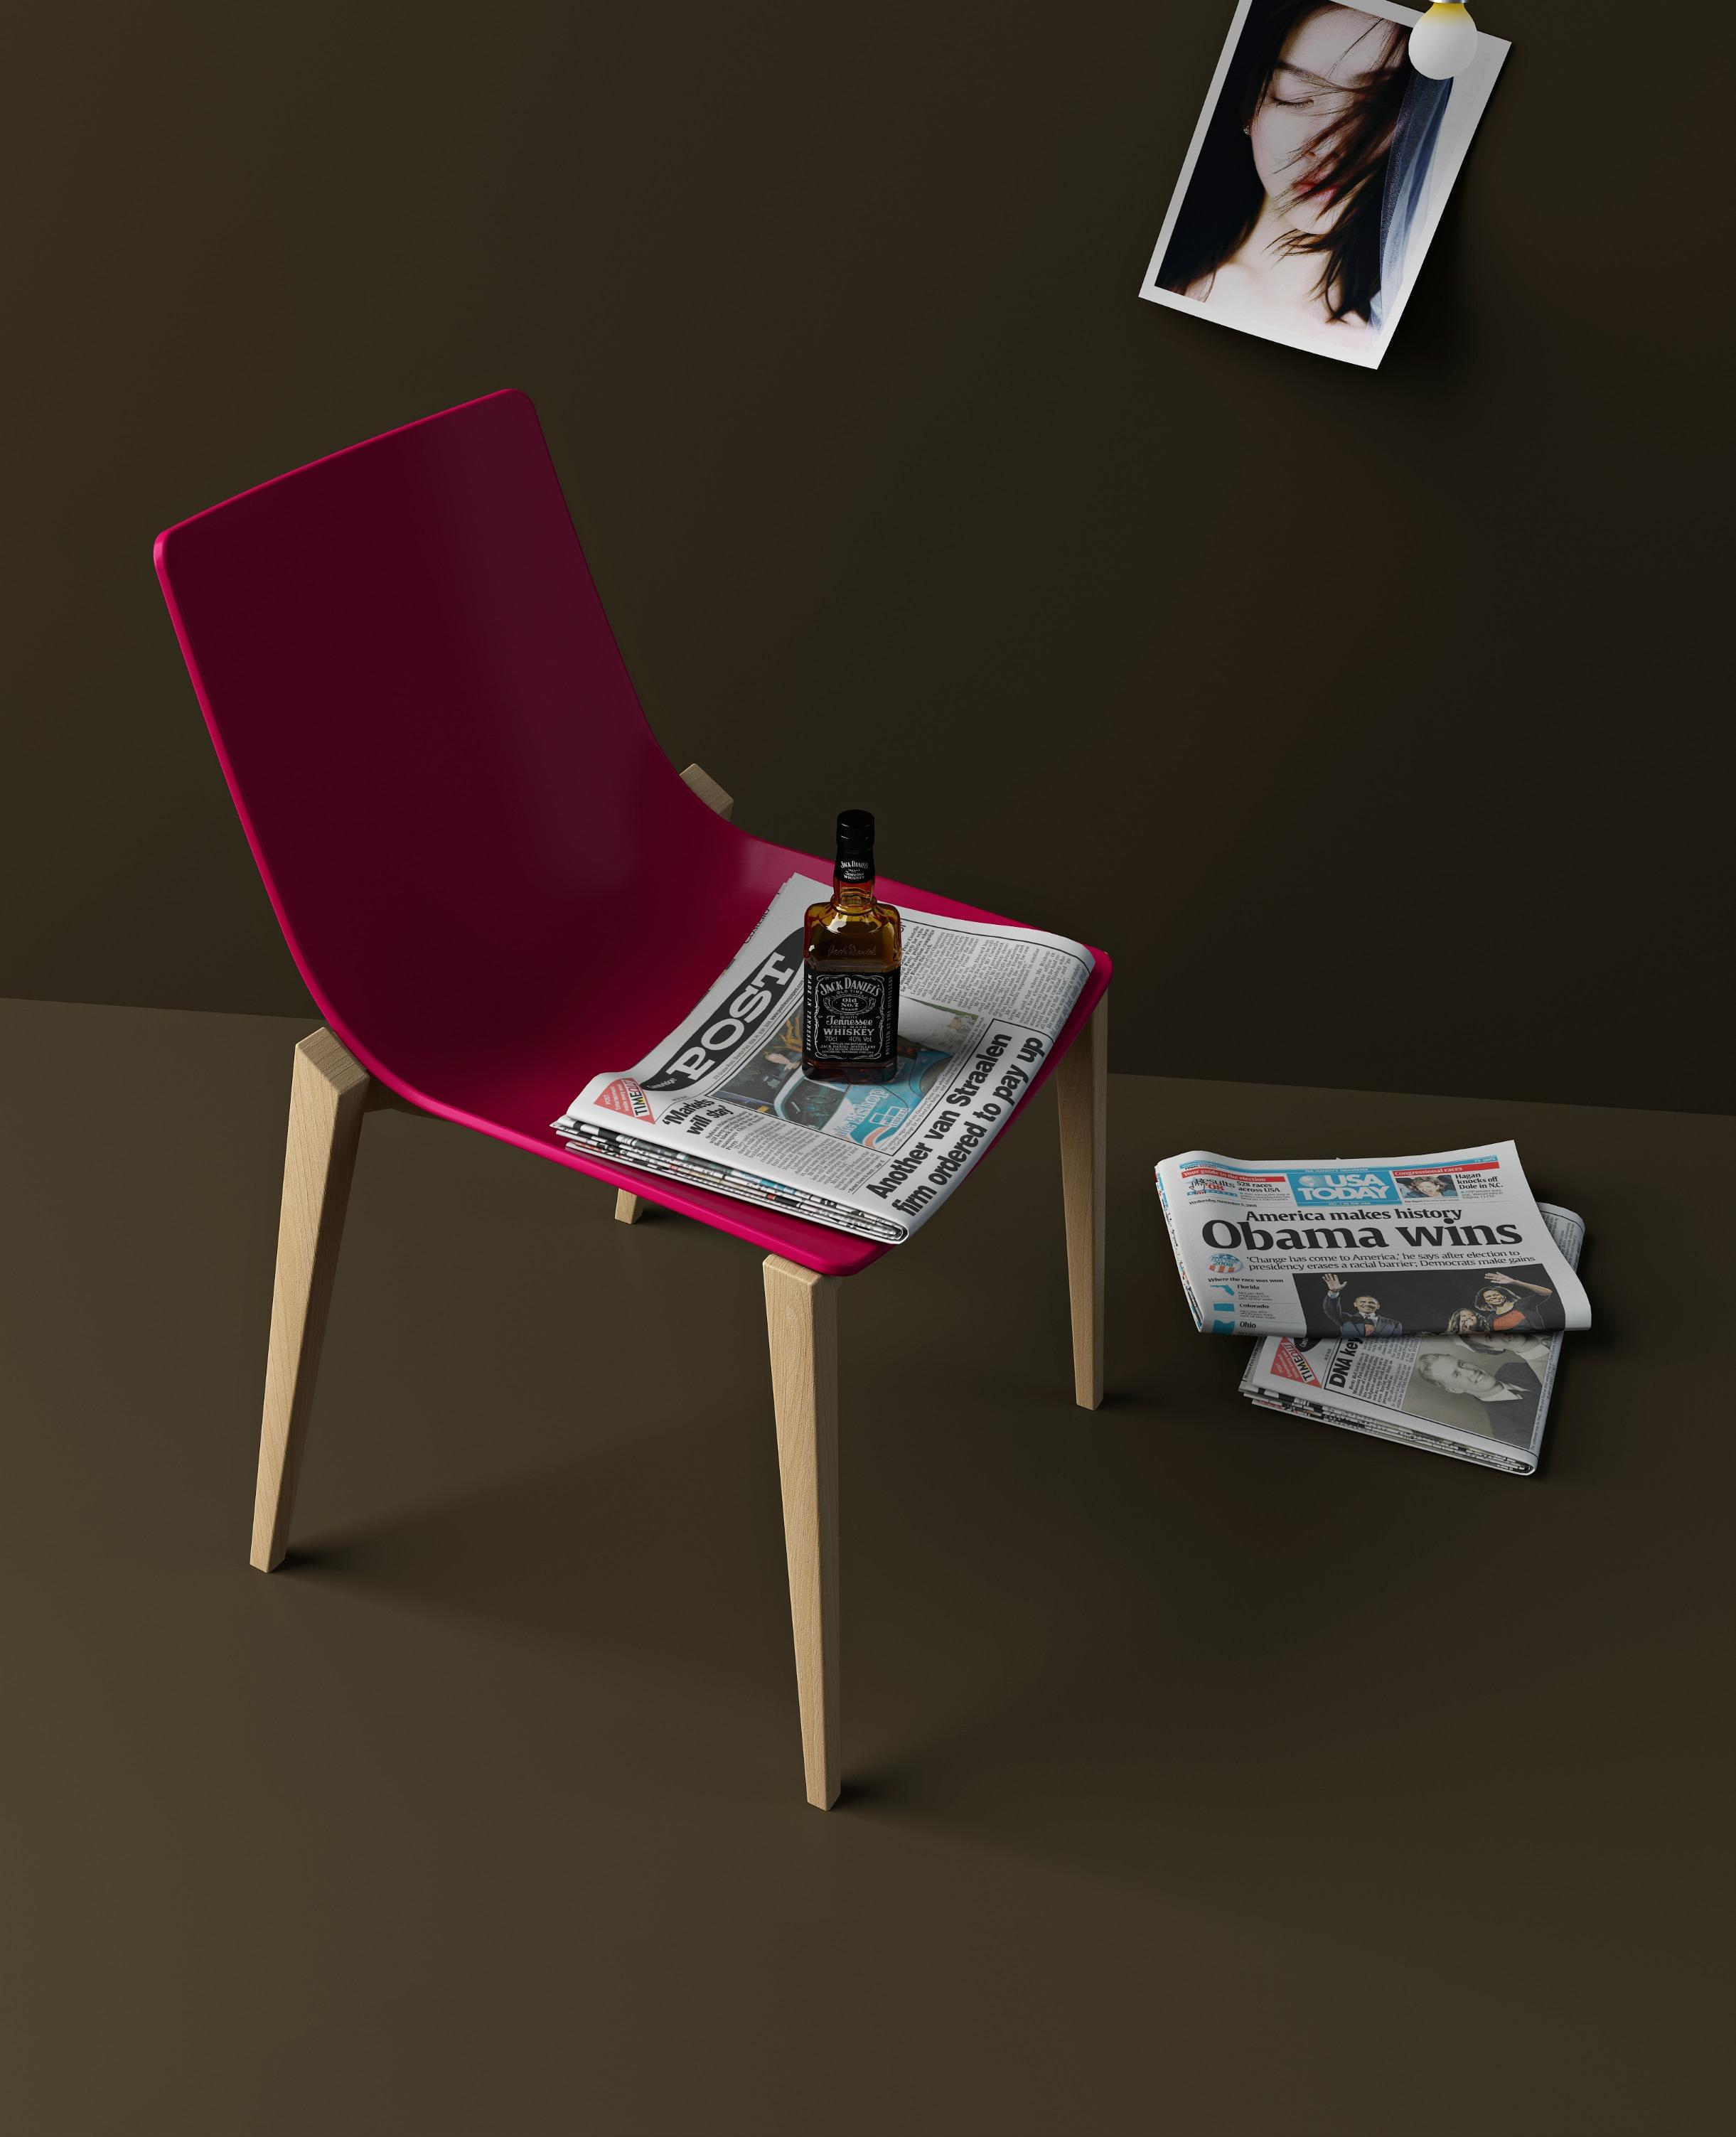 aish-chair-buoyant-basics-dehelvi